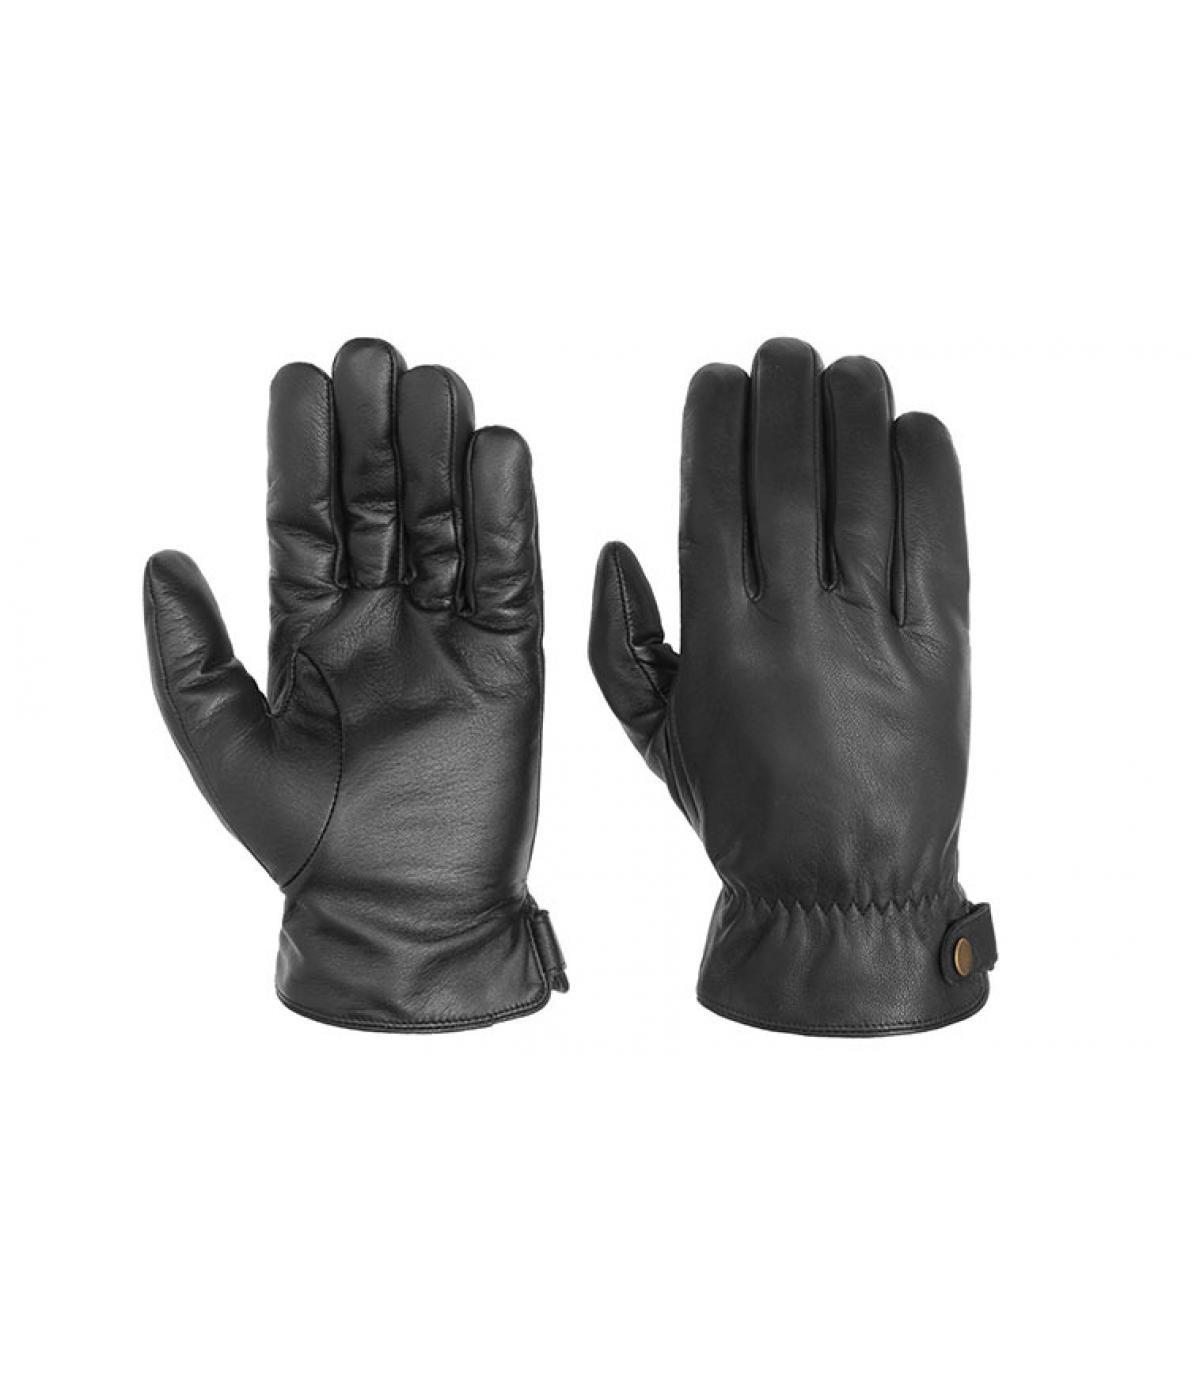 Handschuhe Touchscreen Leder schwarz Stetson